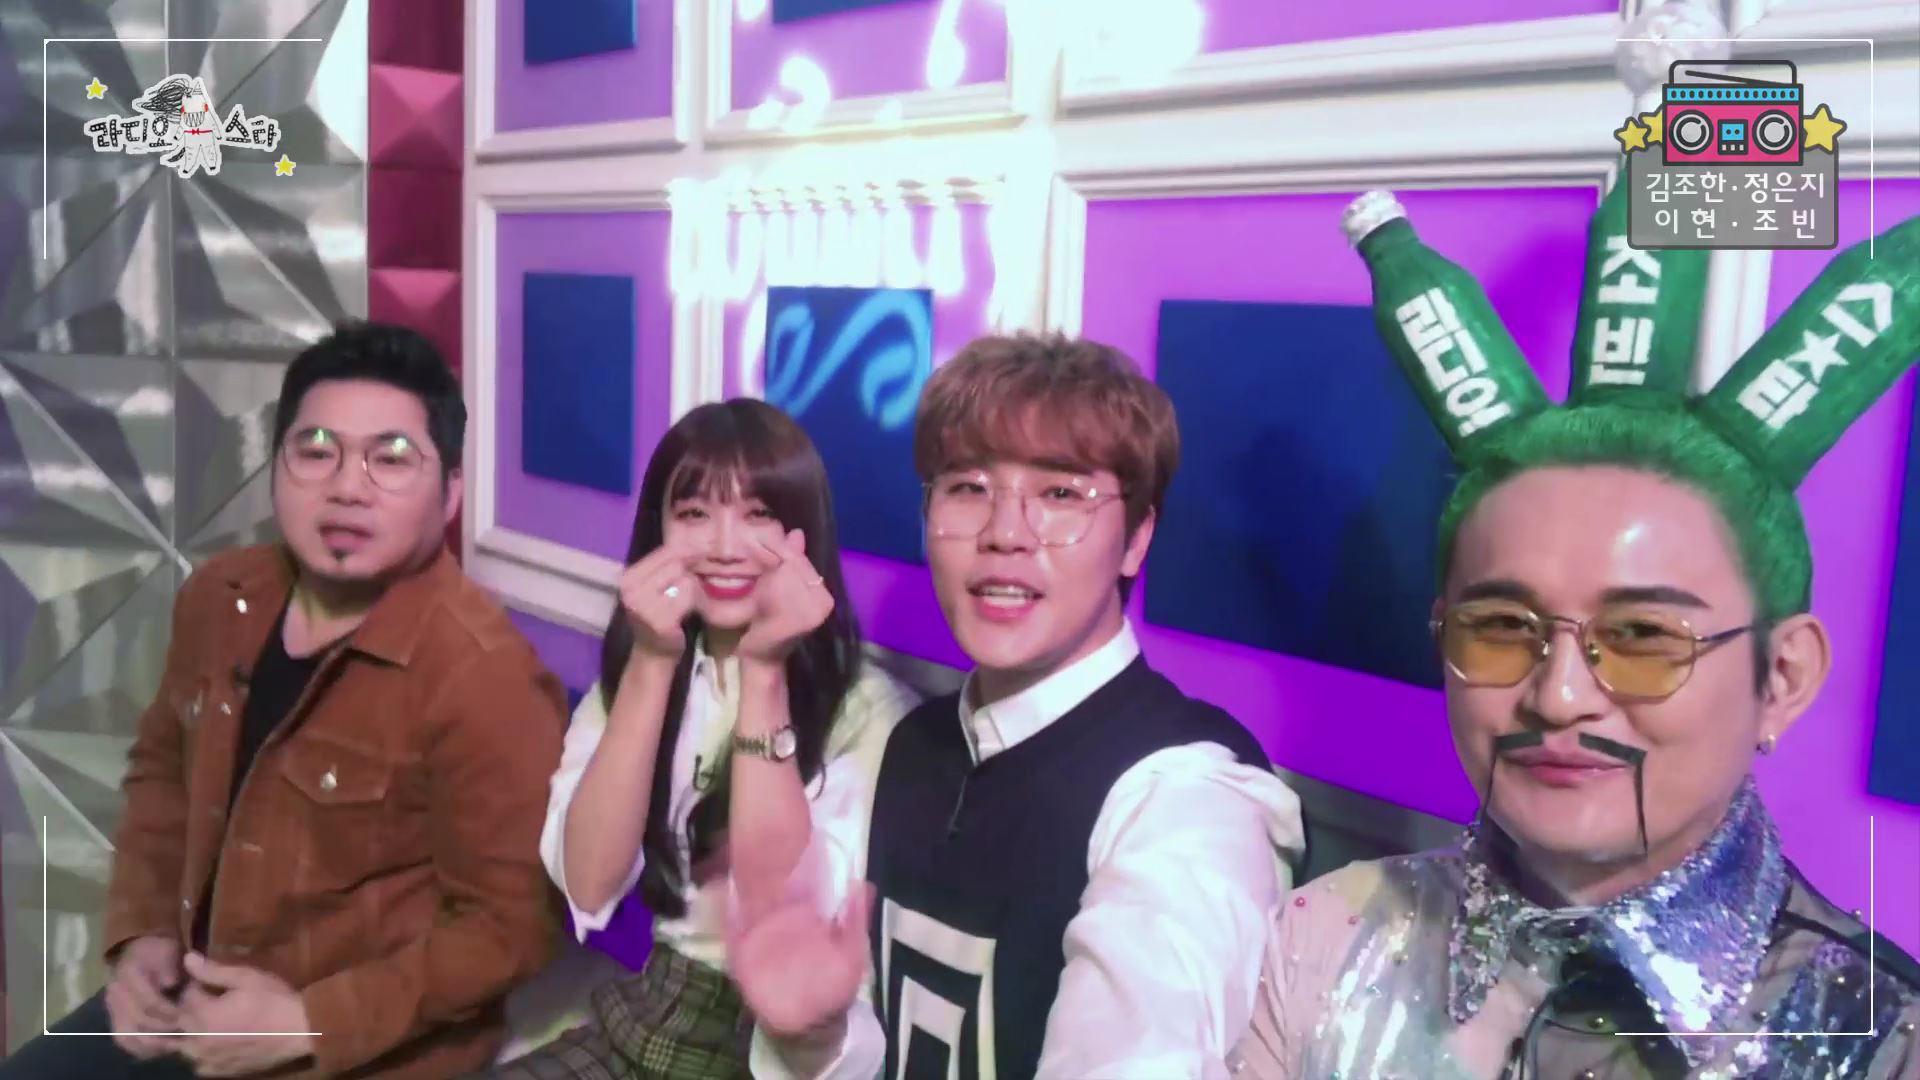 [셀프캠] '라디오스타' 김조한-정은지-이현-조빈, 노래도 잘 하고 ○○도 잘 하는 네 사람